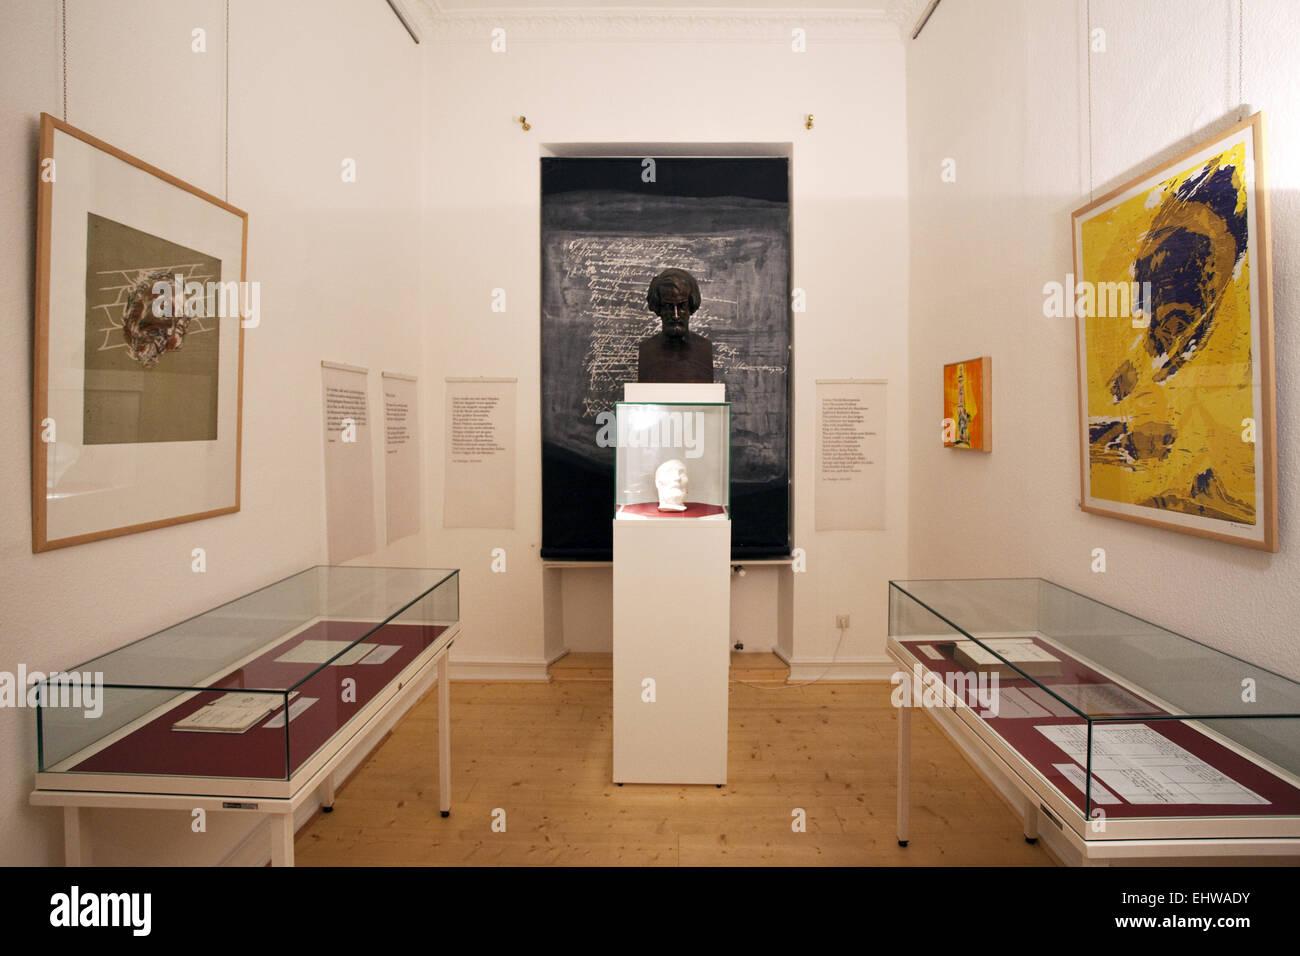 The Heinrich Heine Institute in Duesseldorf. - Stock Image